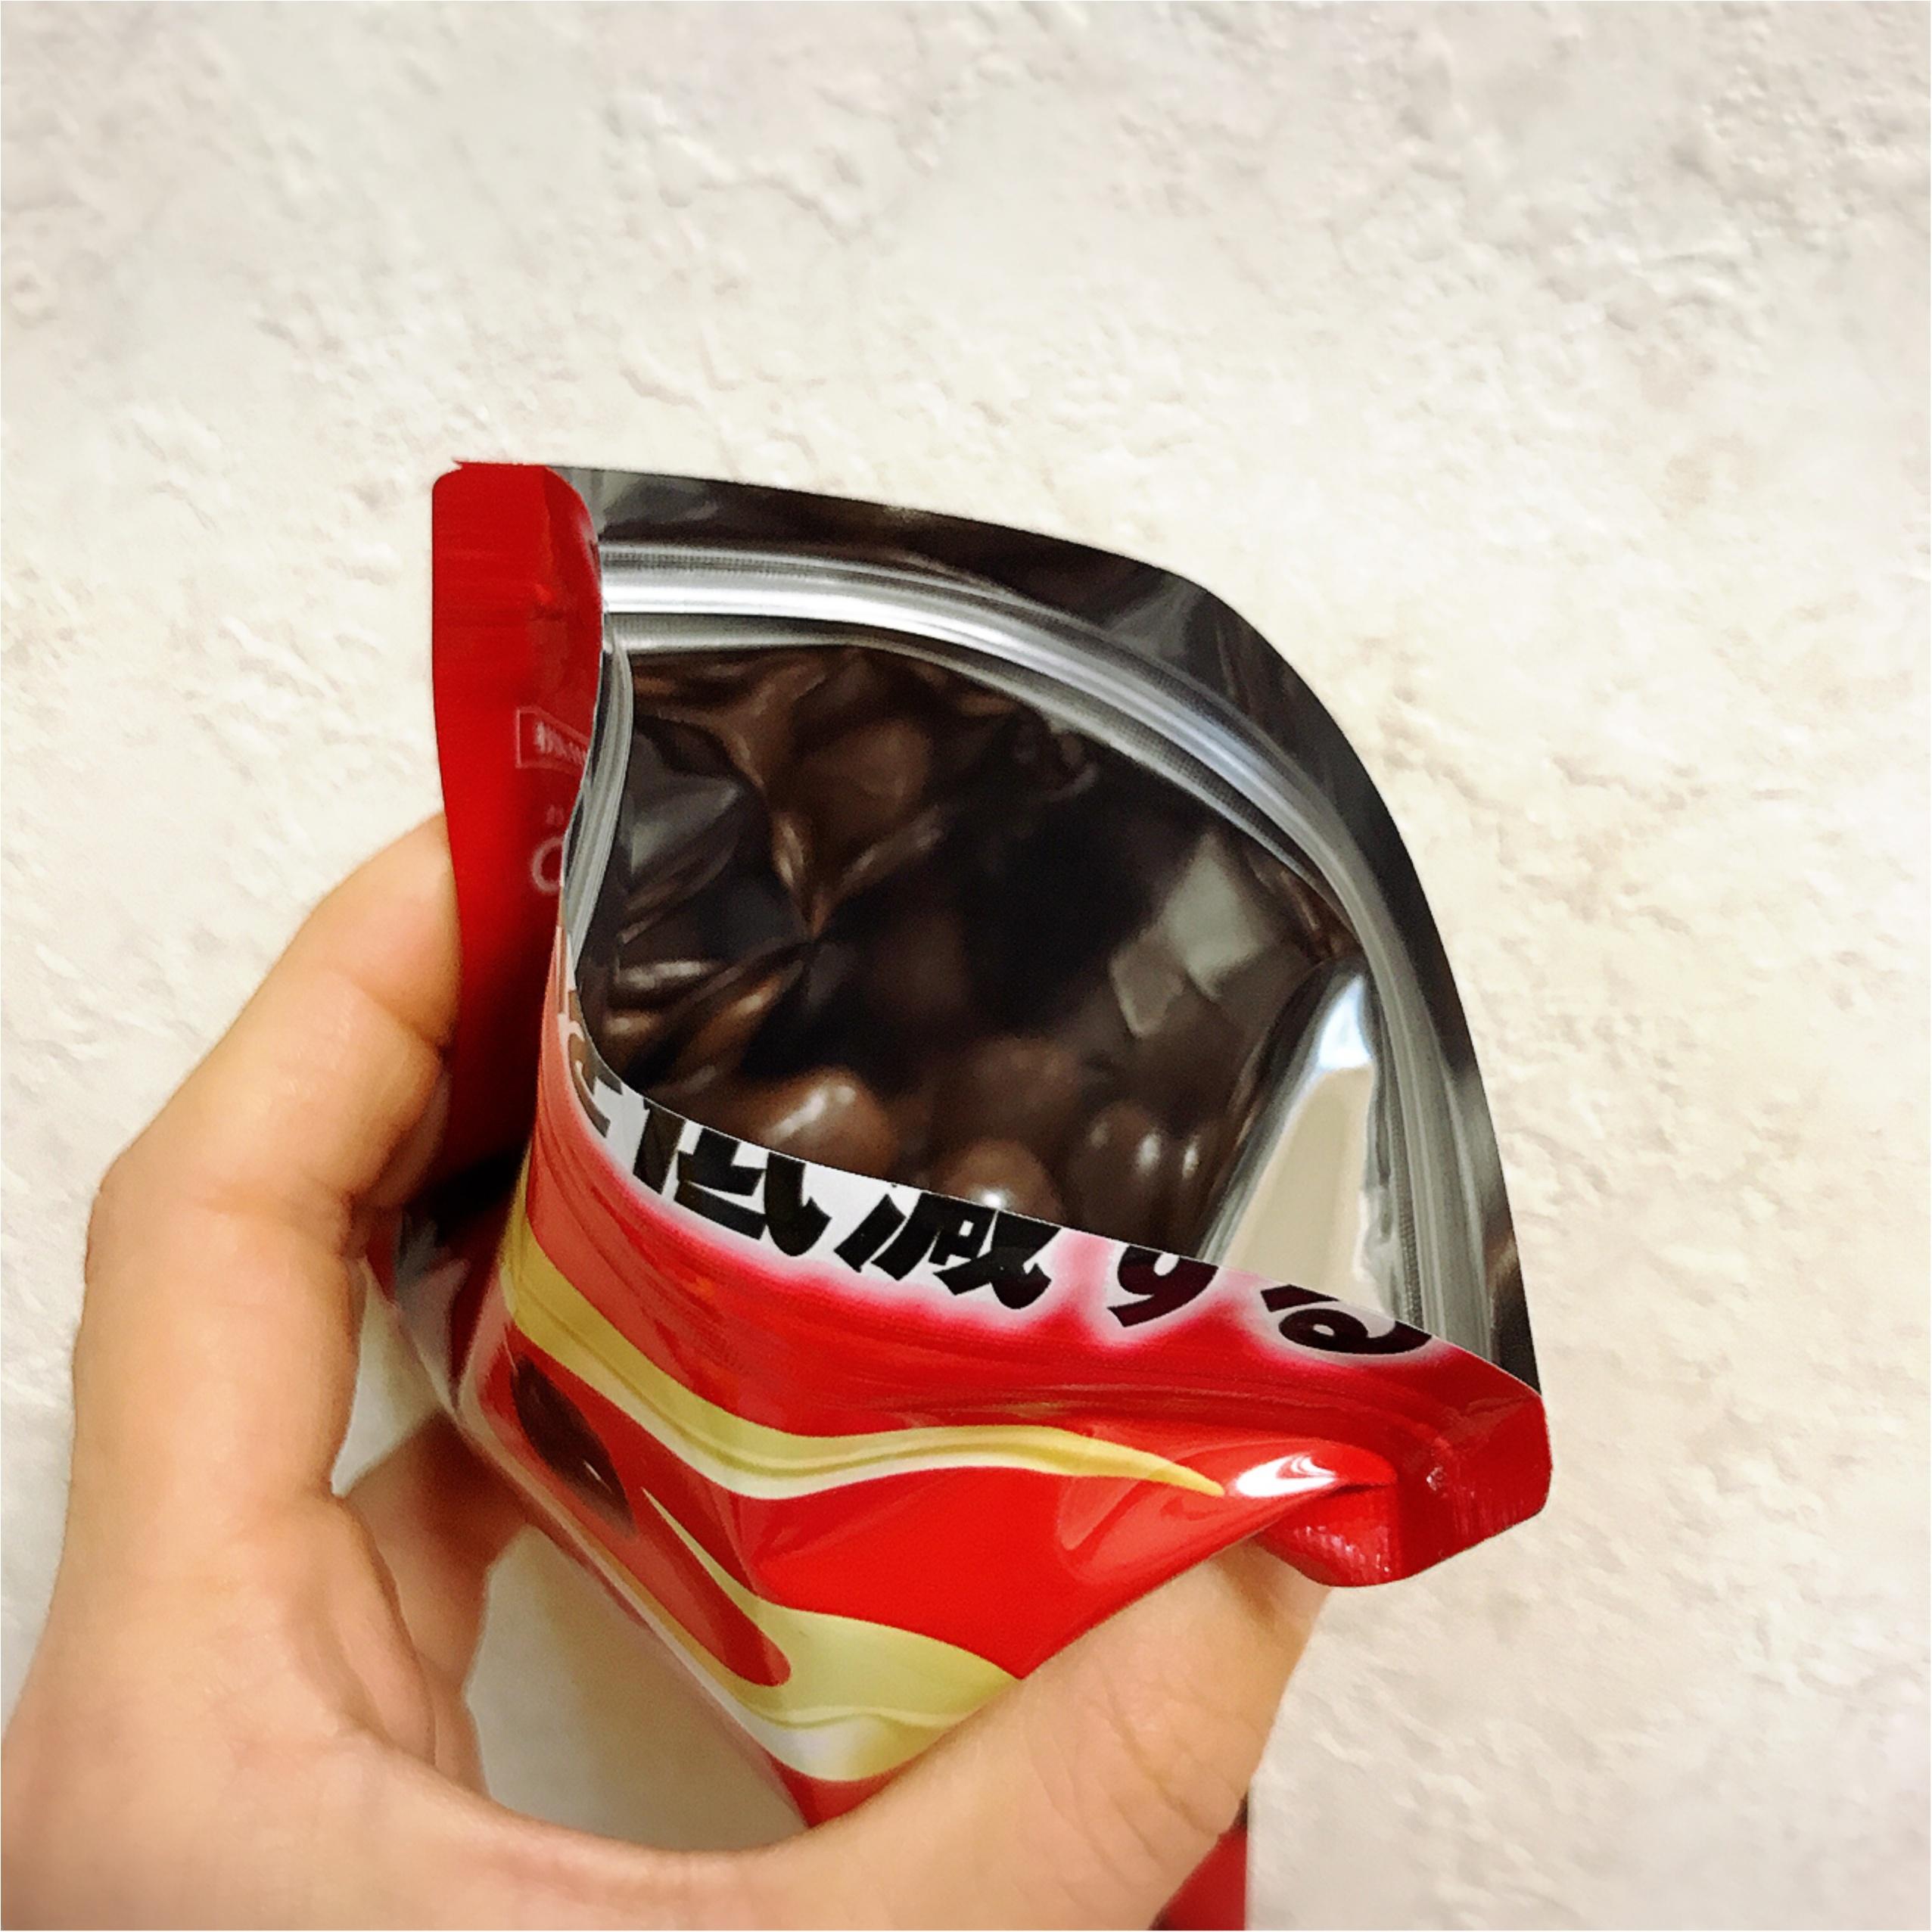 コンビニで買えるチョコレートで【ストレス解消】しませんか?_2